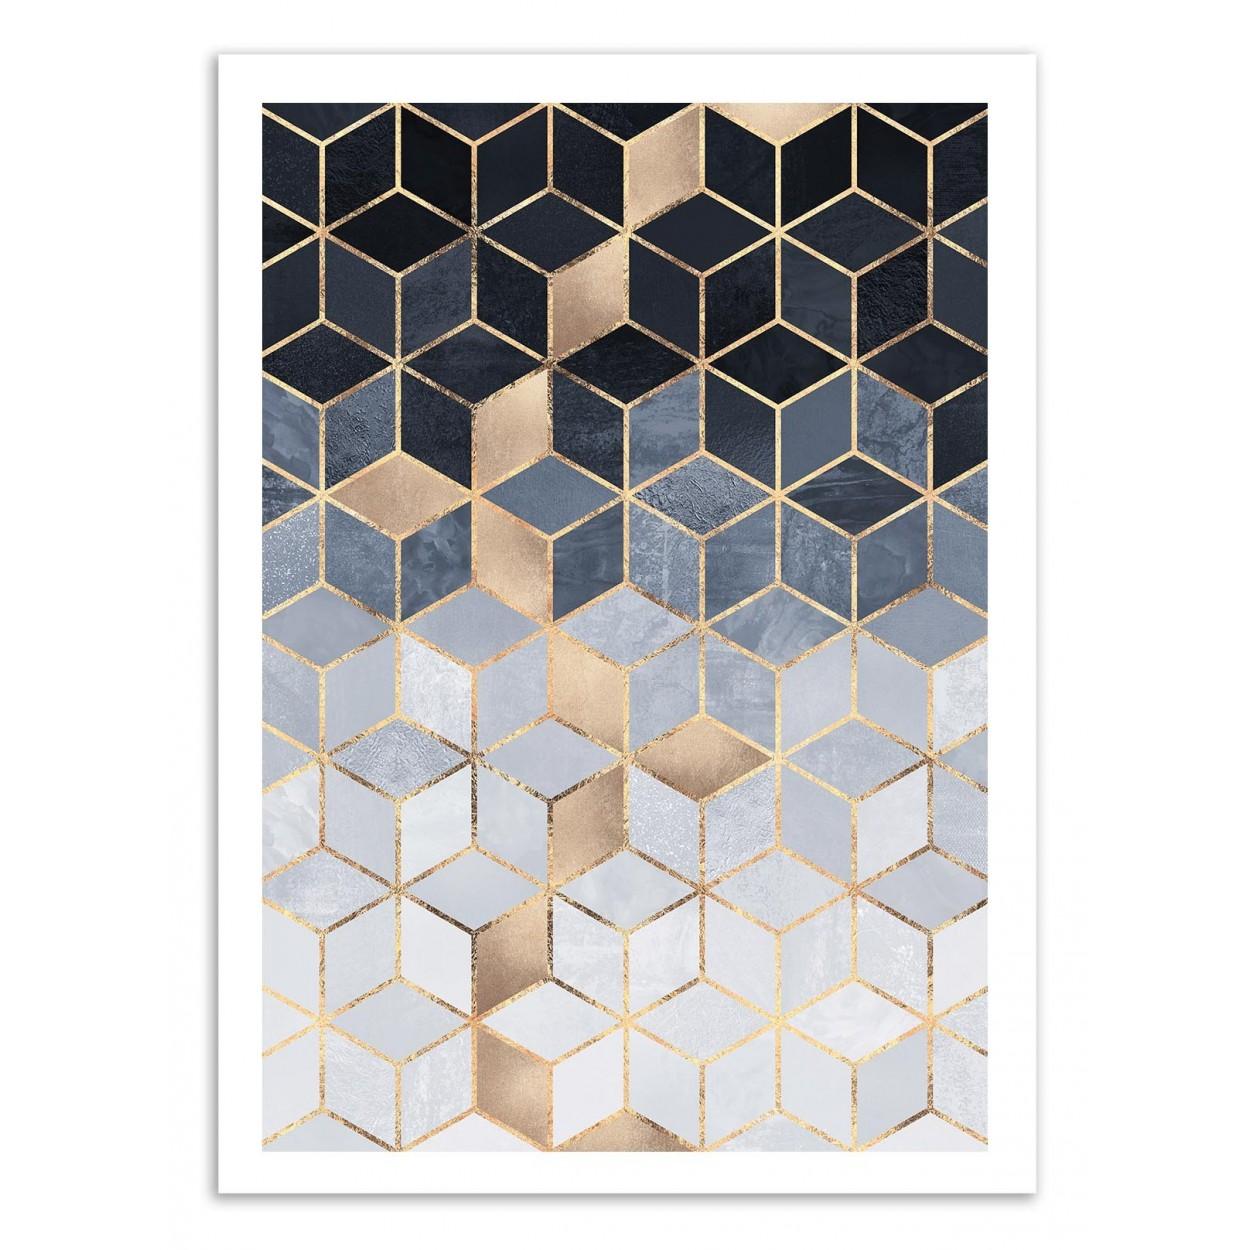 SOFT BLUE GRADIENT CUBES - Affiche d'art 50 x 70 cm